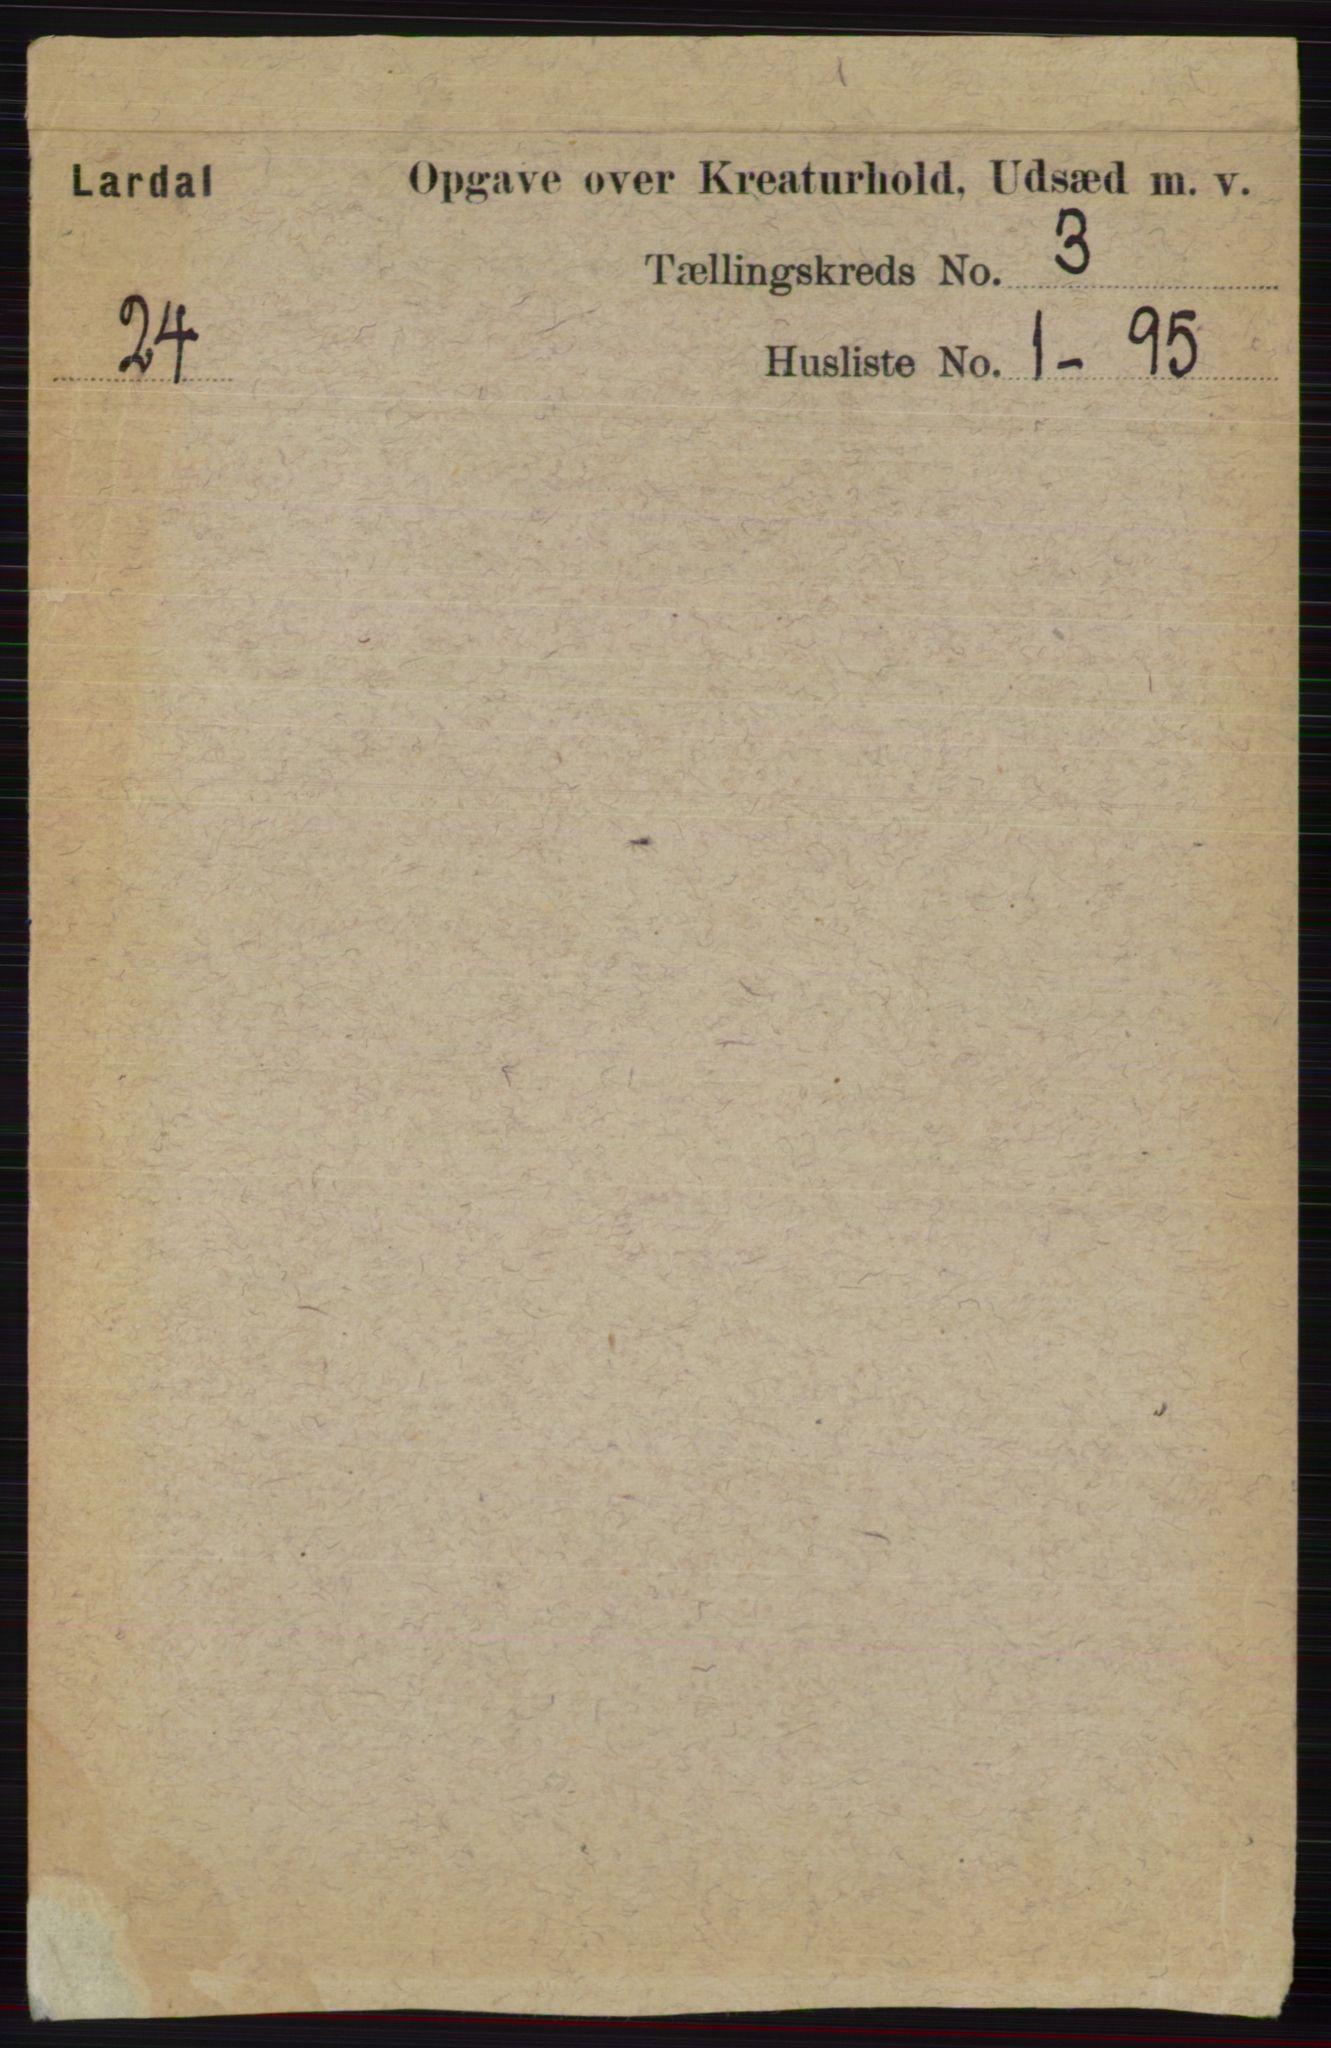 RA, Folketelling 1891 for 0728 Lardal herred, 1891, s. 3605